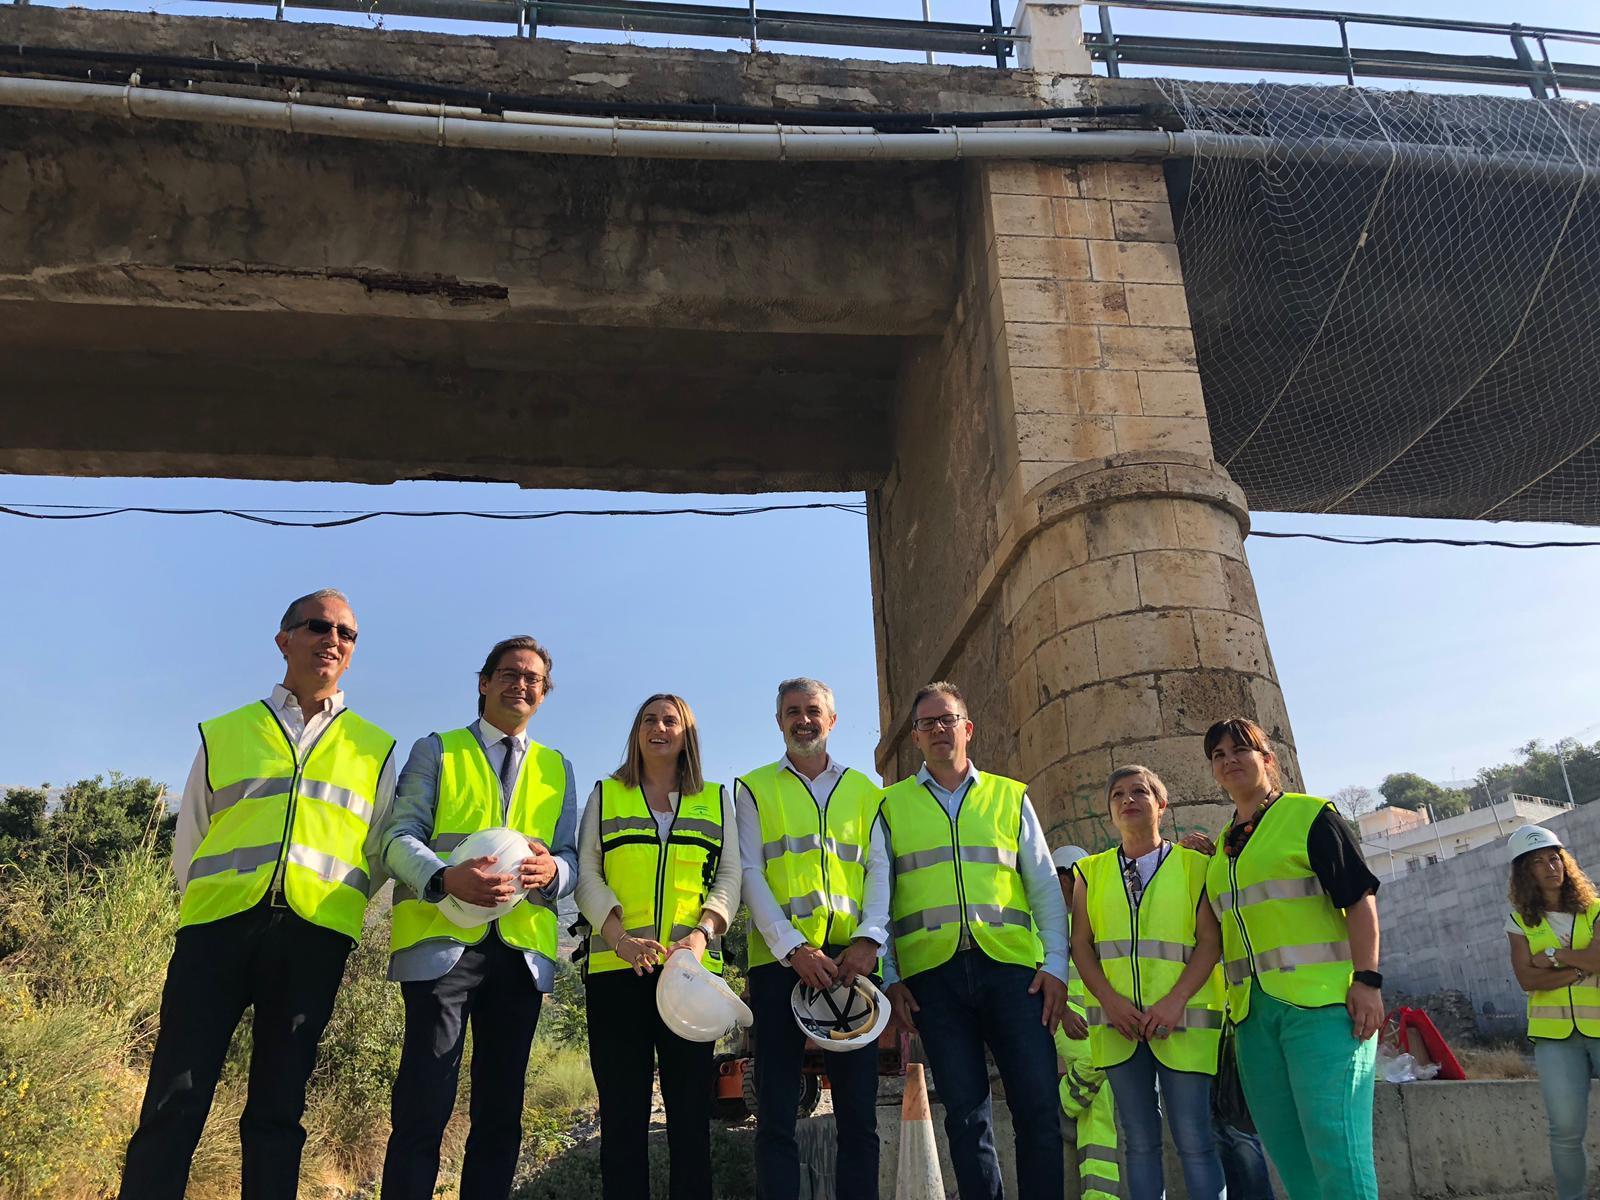 La Junta reconstruirá de emergencia el puente sobre el río Chico en Órgiva